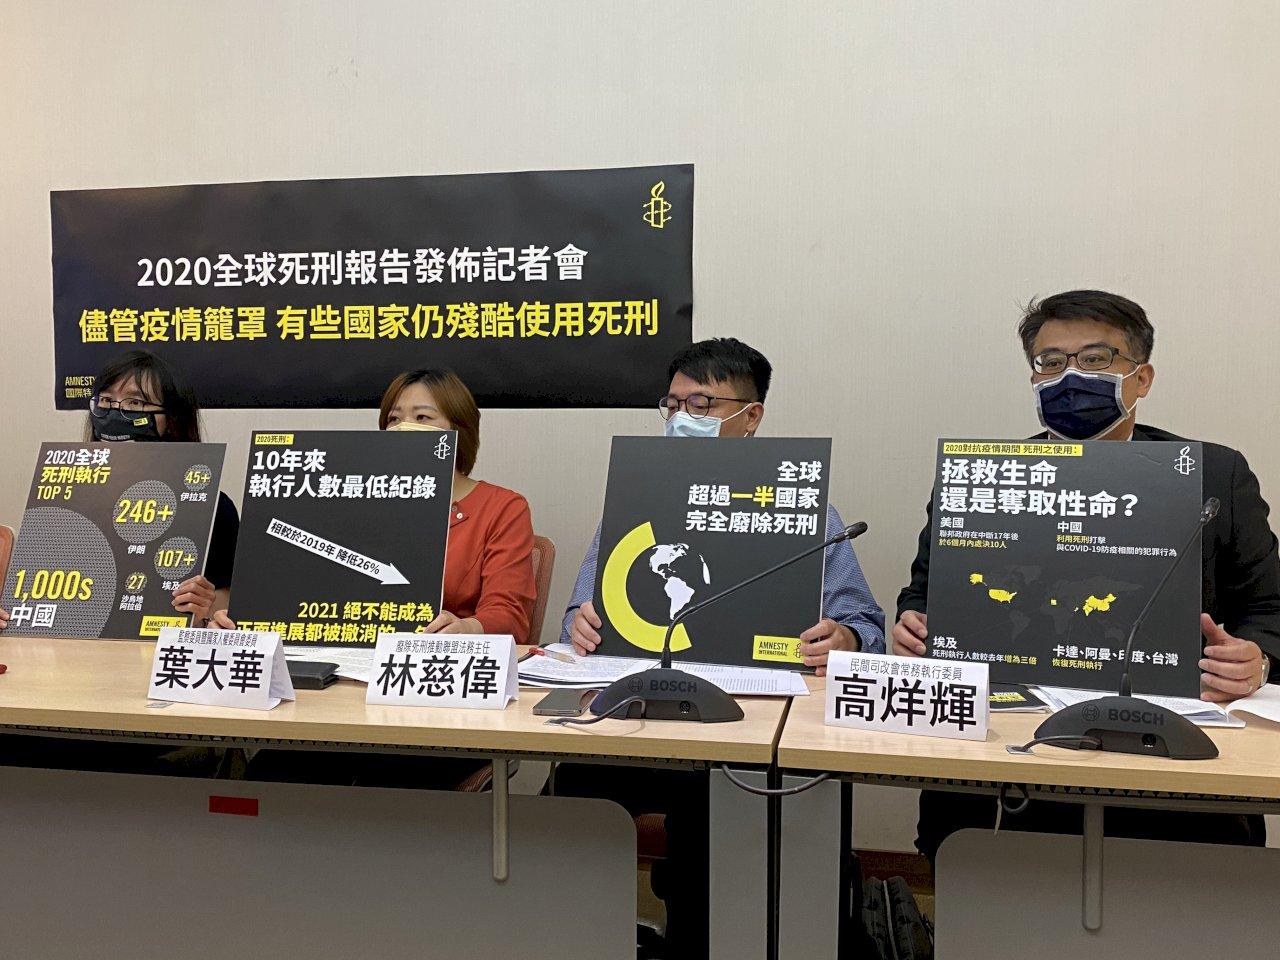 2020全球死刑報告出爐 人權團體:台灣死刑判決年輕化